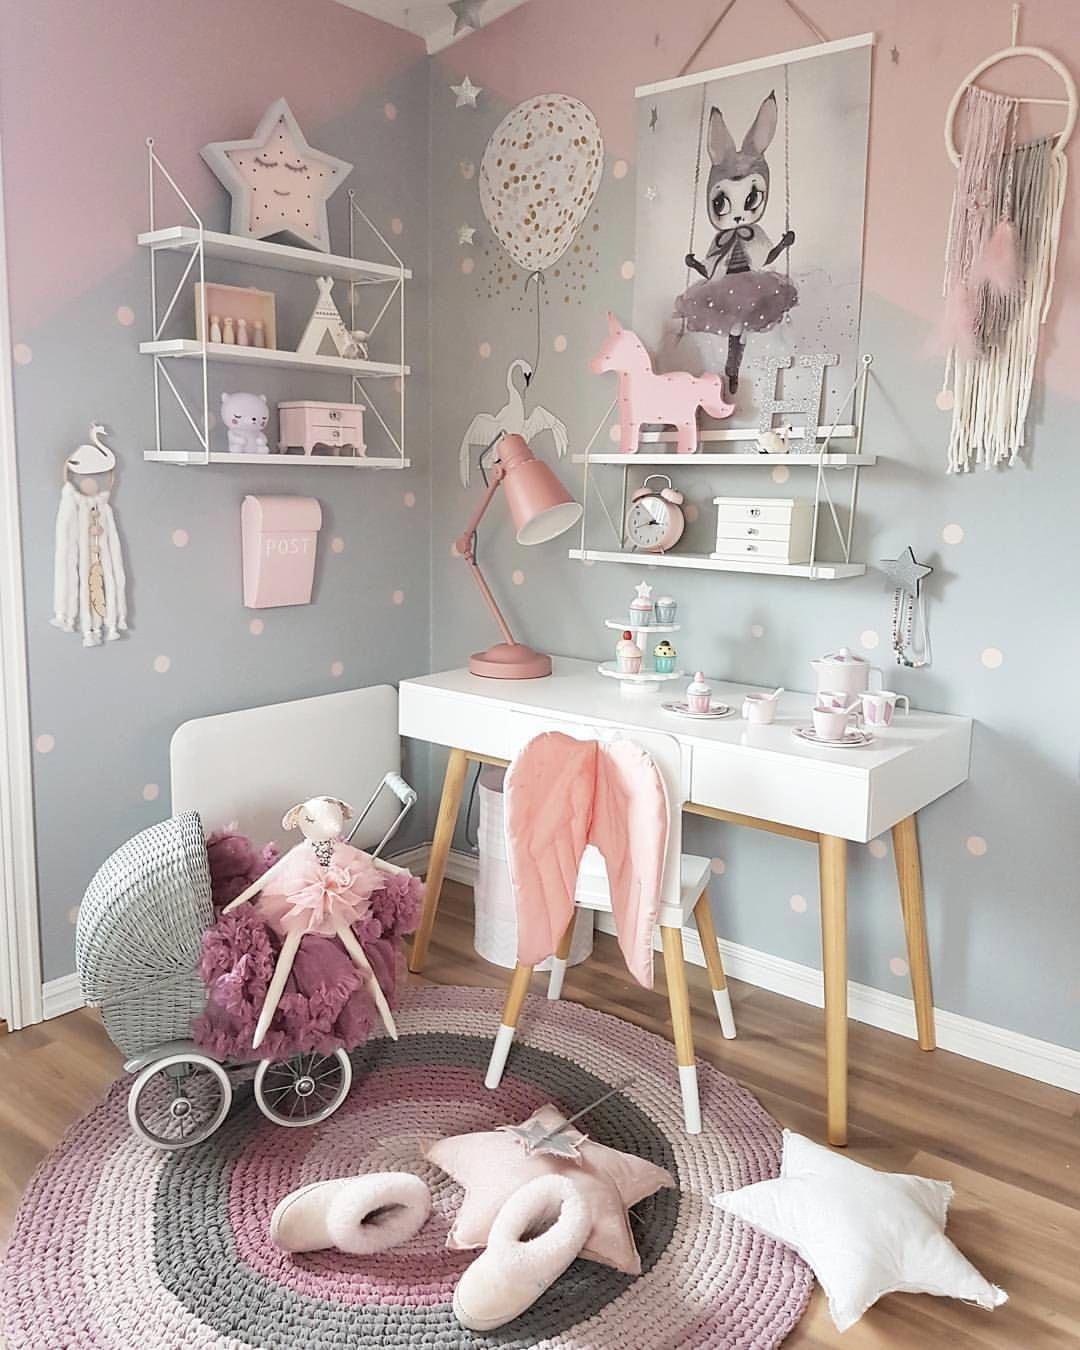 Kidsroomsdecor (mit Bildern) Kinderschlafzimmer, Kinder